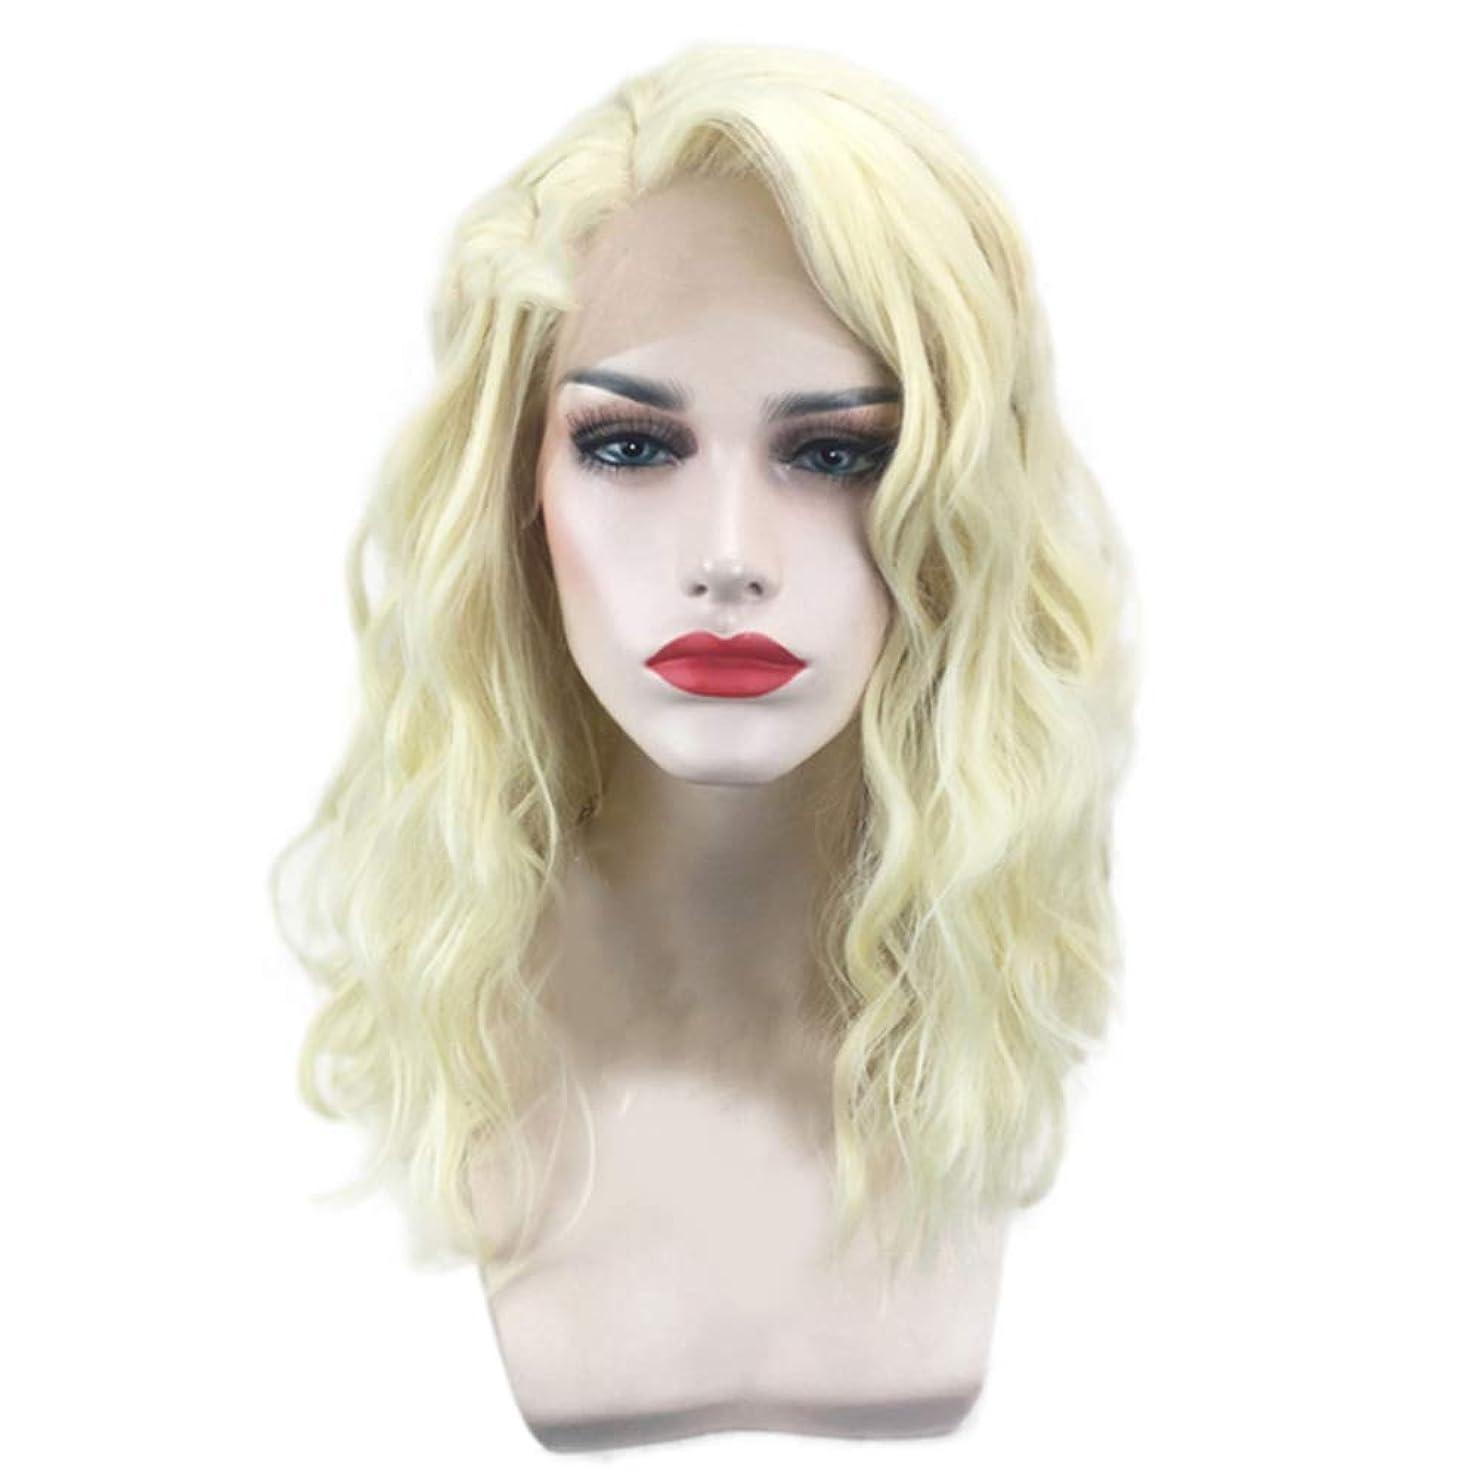 リークワイプ合併症女性のための短い巻き毛のかつらゴールドウェーブヘアかつら自然に見える耐熱合成ファッションかつらコスプレ気質